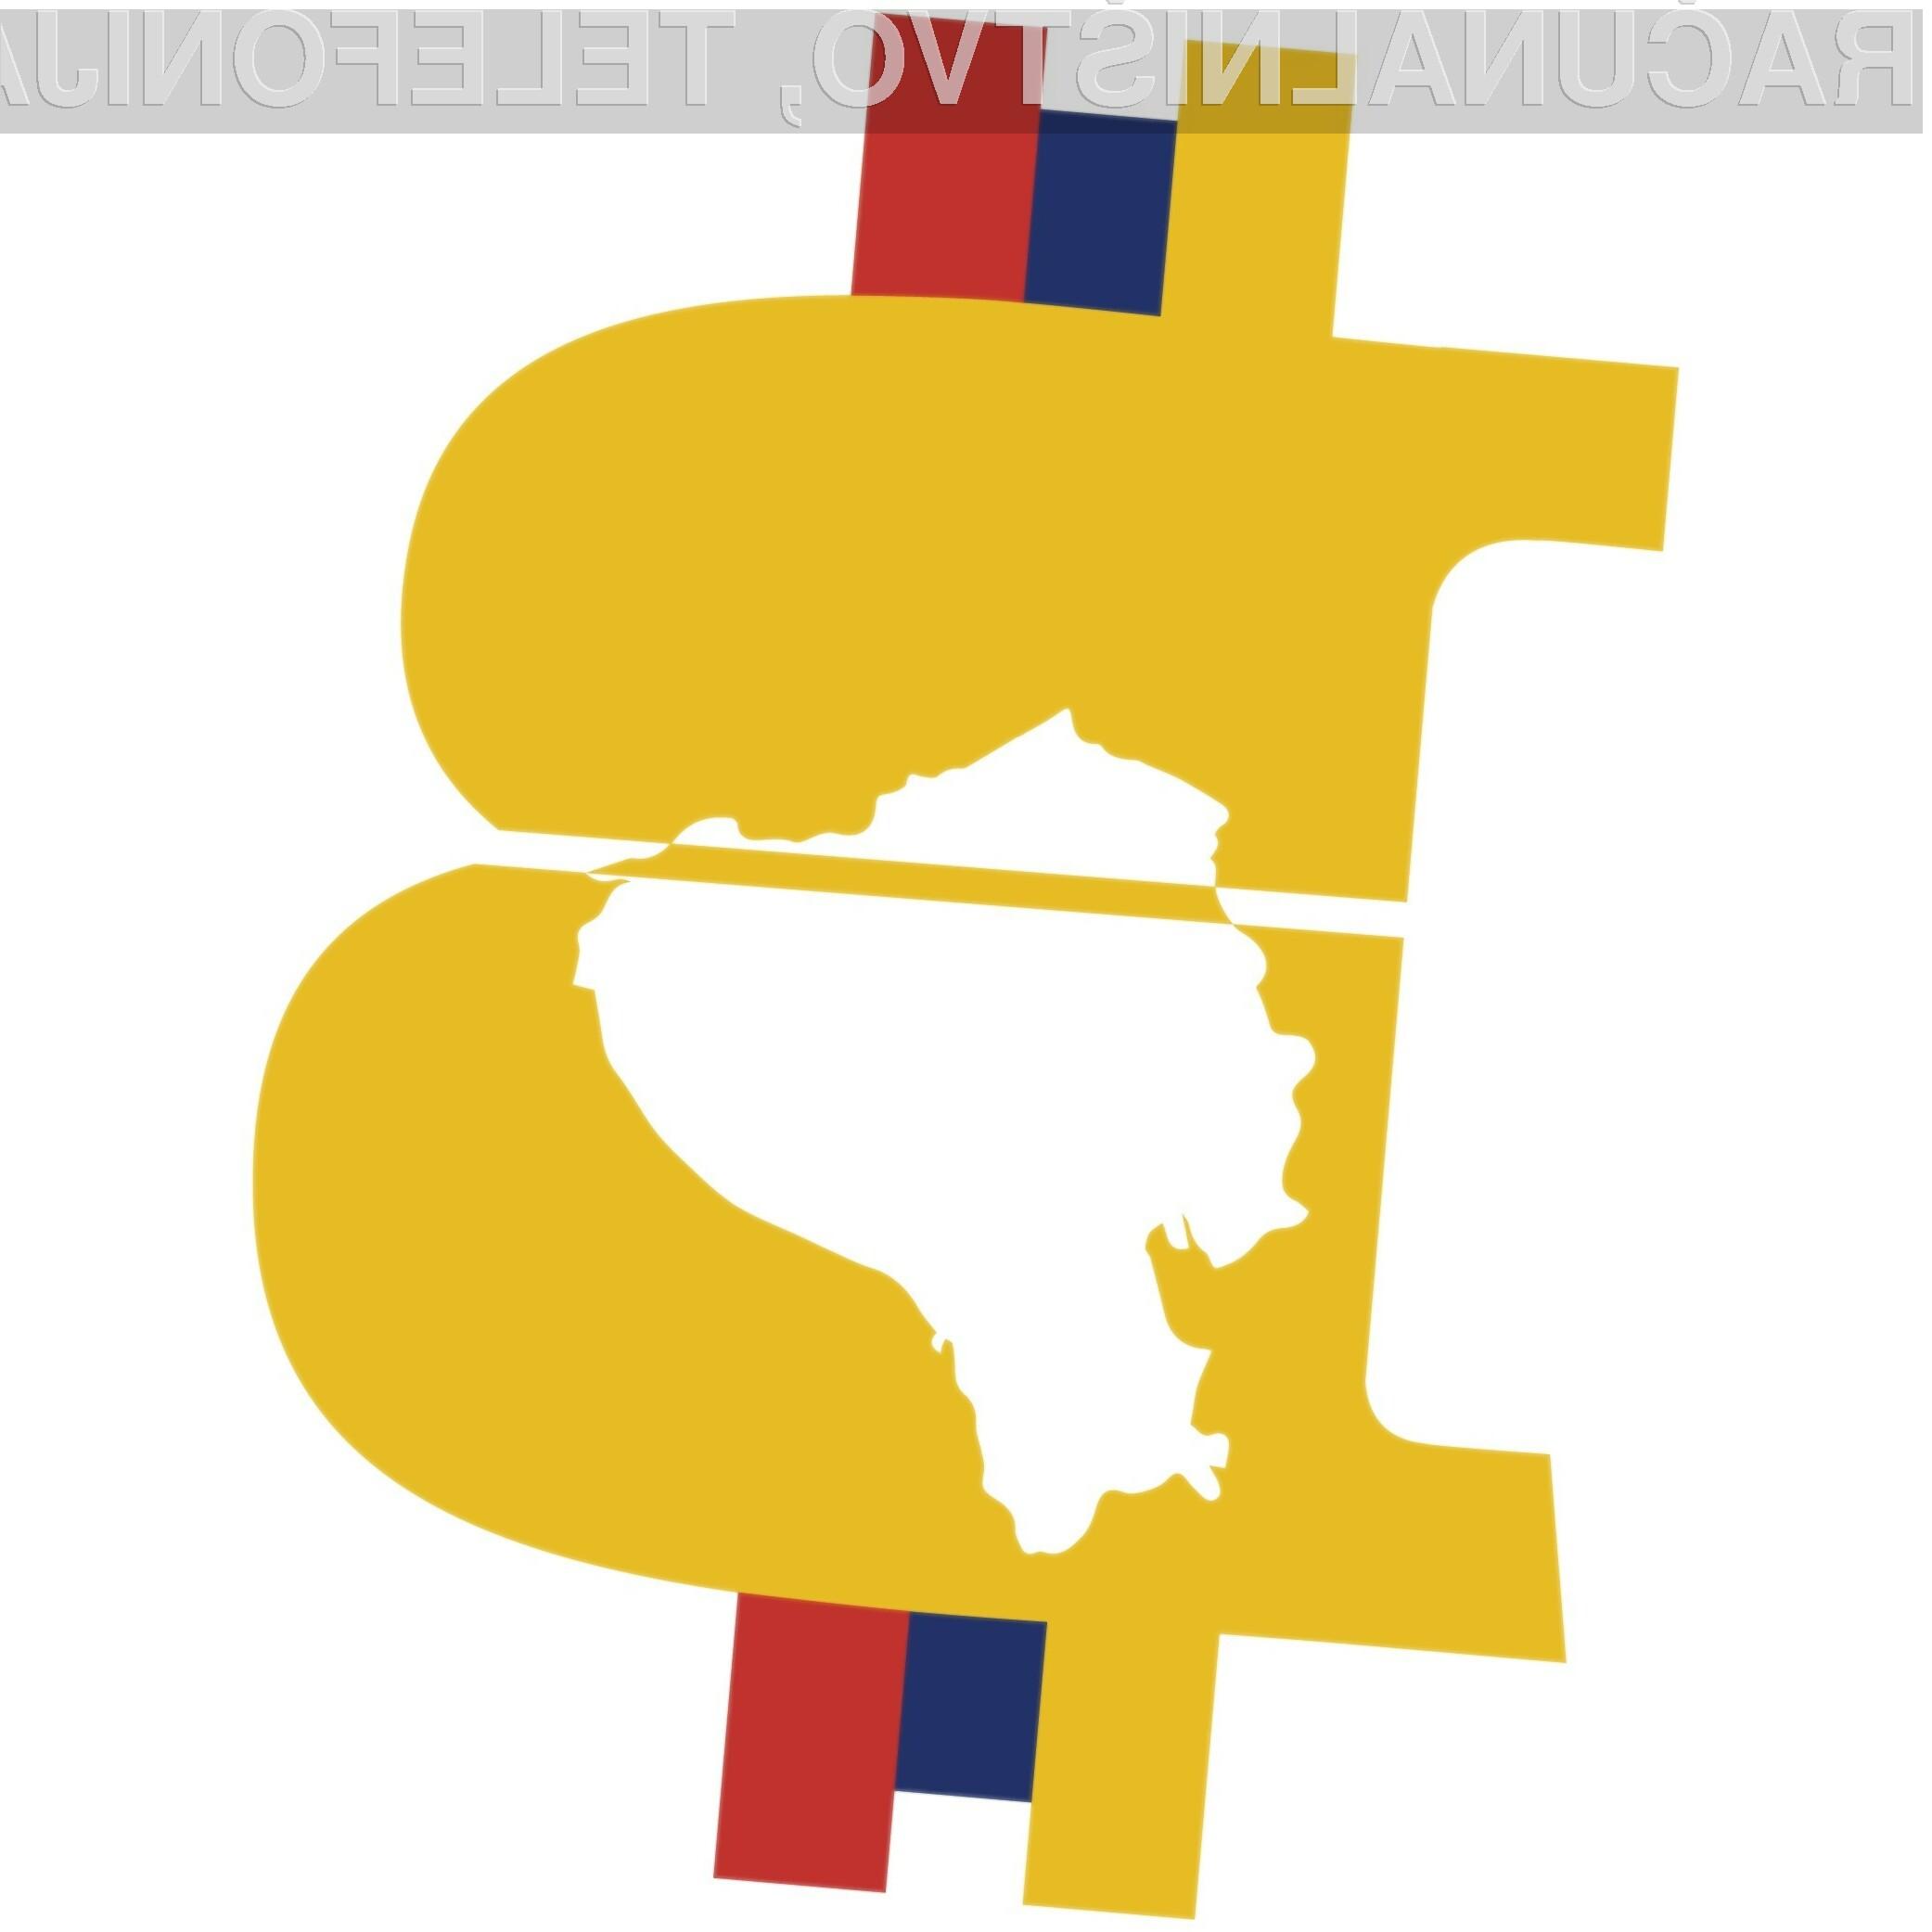 Ekvadorju bo večjo neodvisnost od ameriškega dolarja prinesla lastna digitalna valuta!